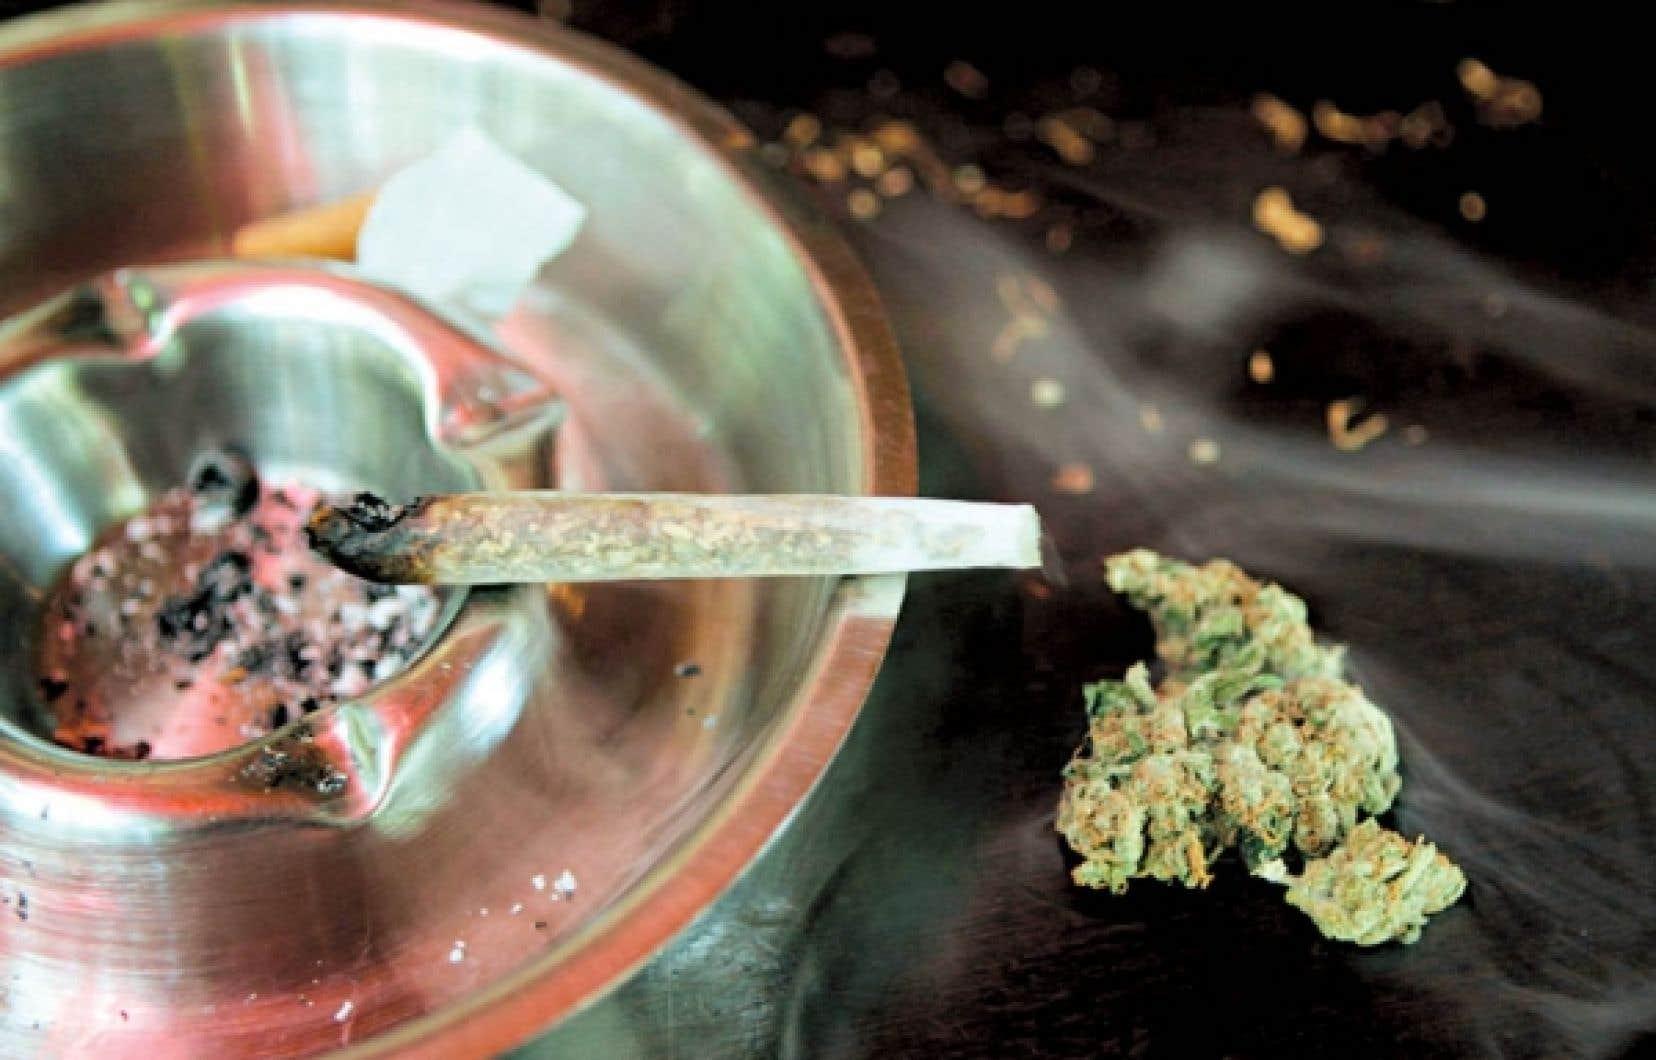 Ladrogueillicitede prédilection des Canadiens reste le cannabis.<br />